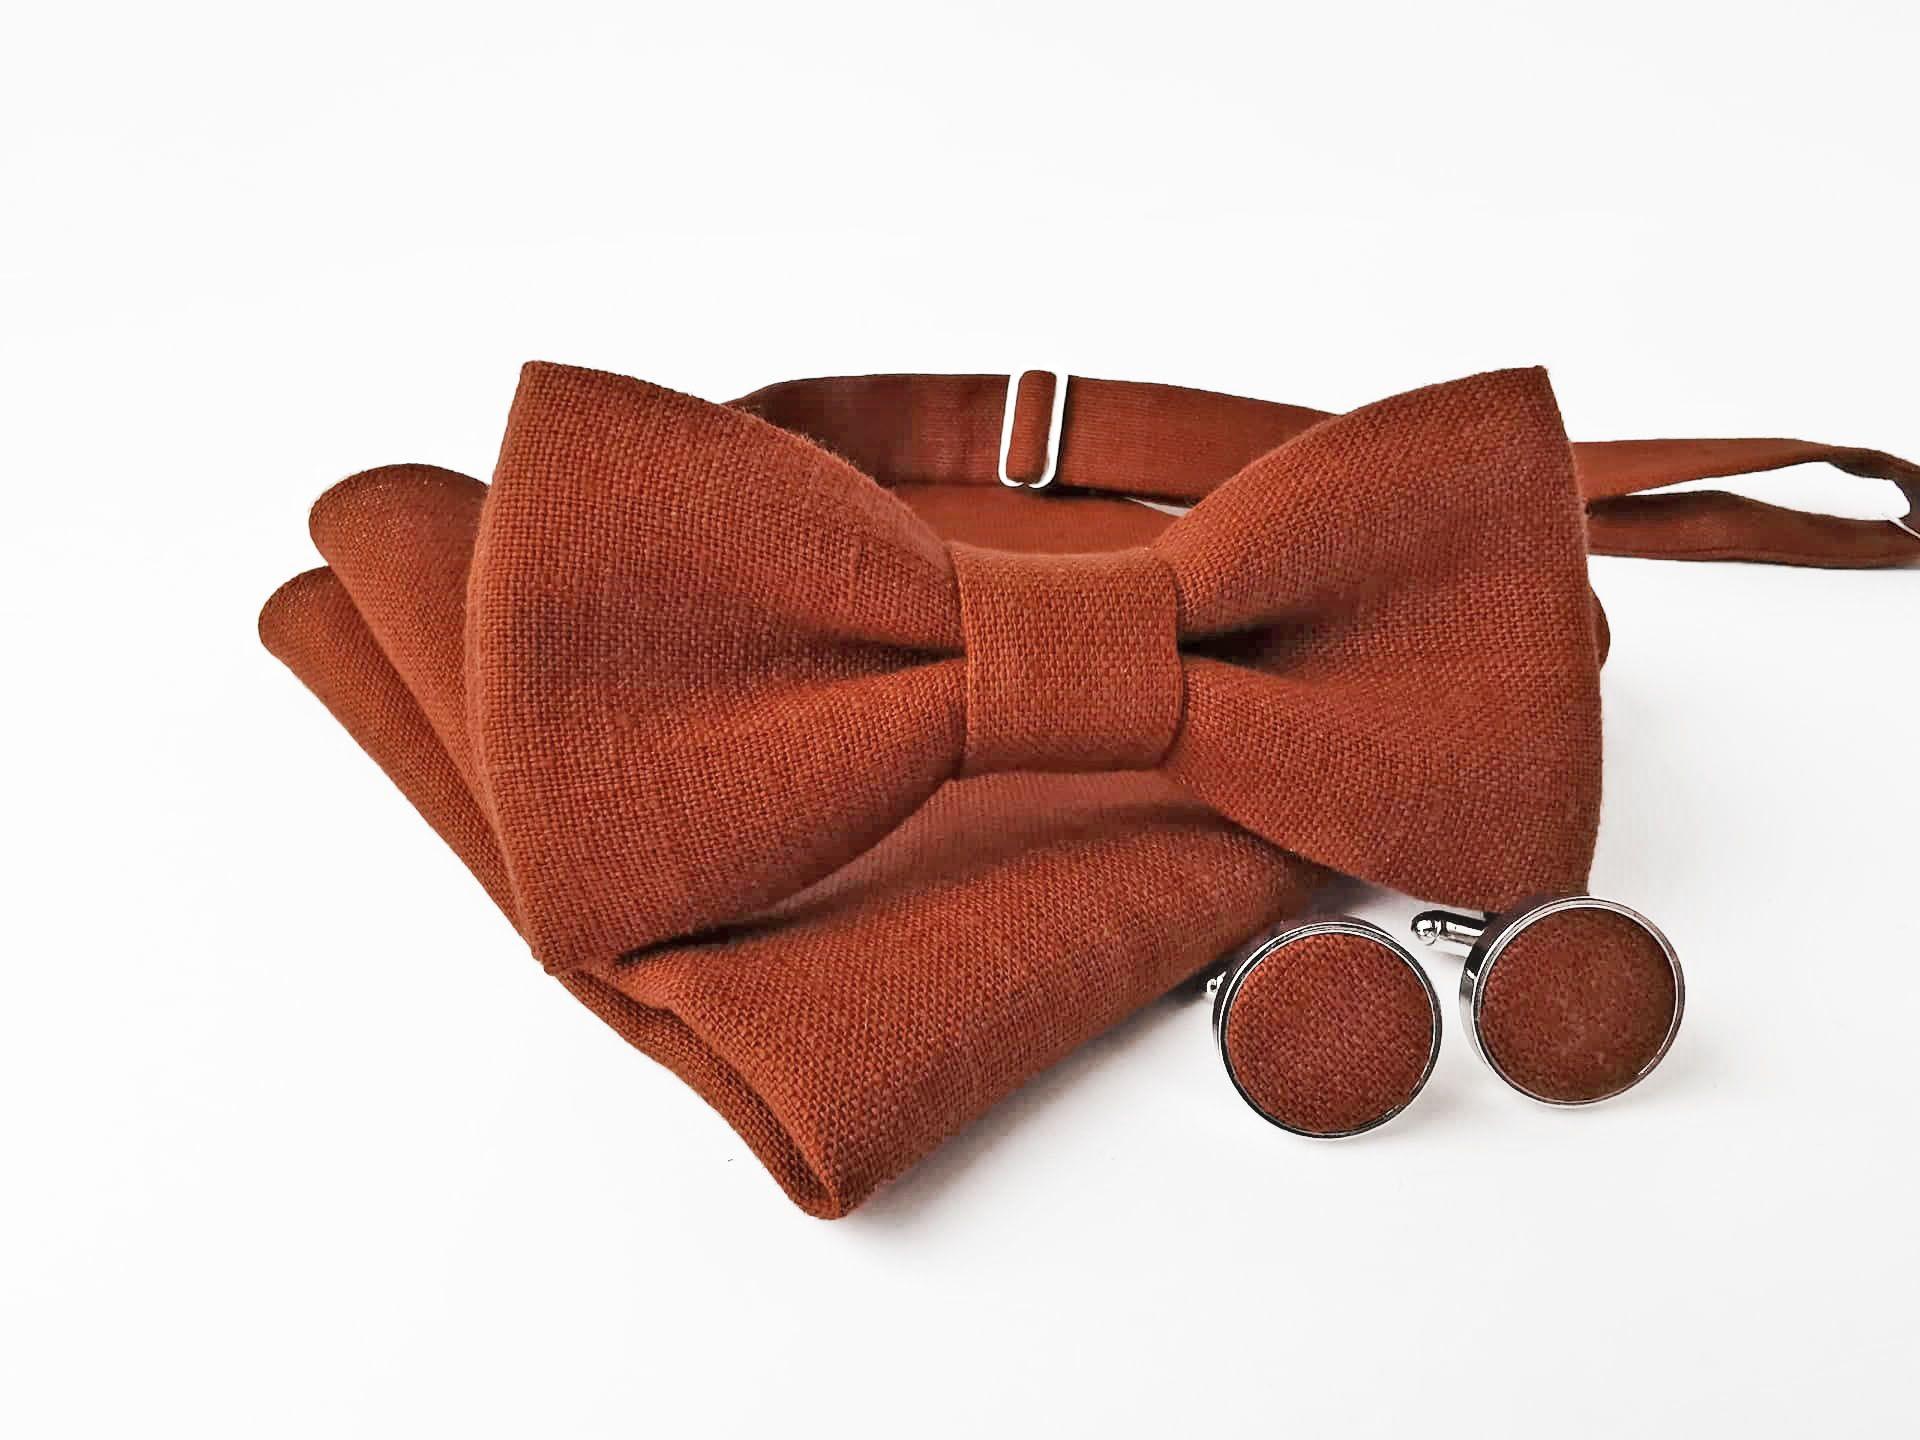 Burnt orange linen necktie for man  Handmade groomsmen ties for wedding